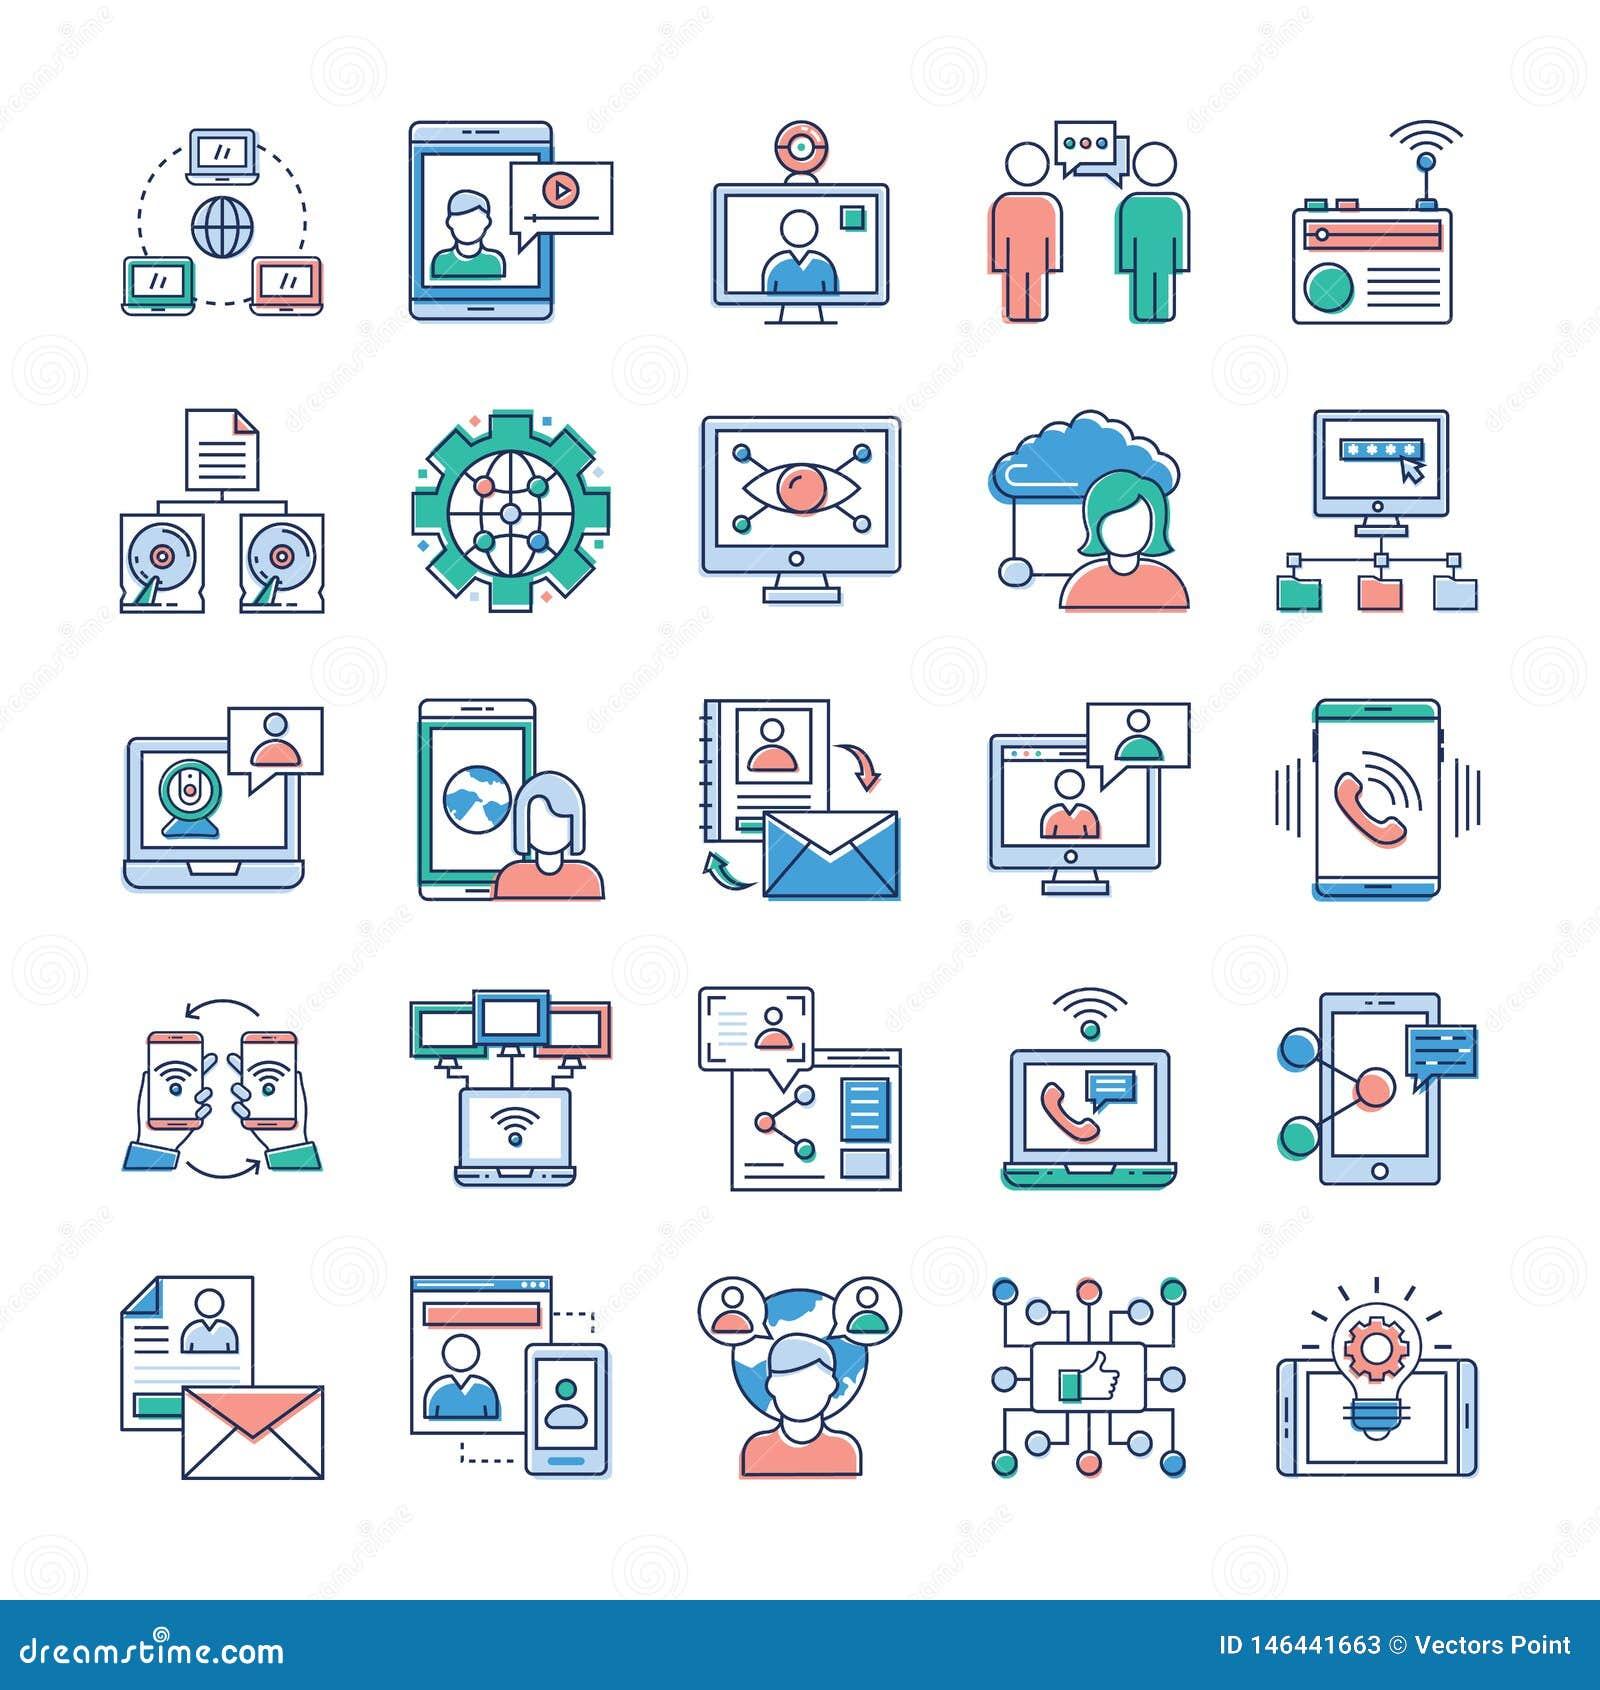 Werbungs-, Kommunikations-und Vernetzungs-Ikonen-Sammlung